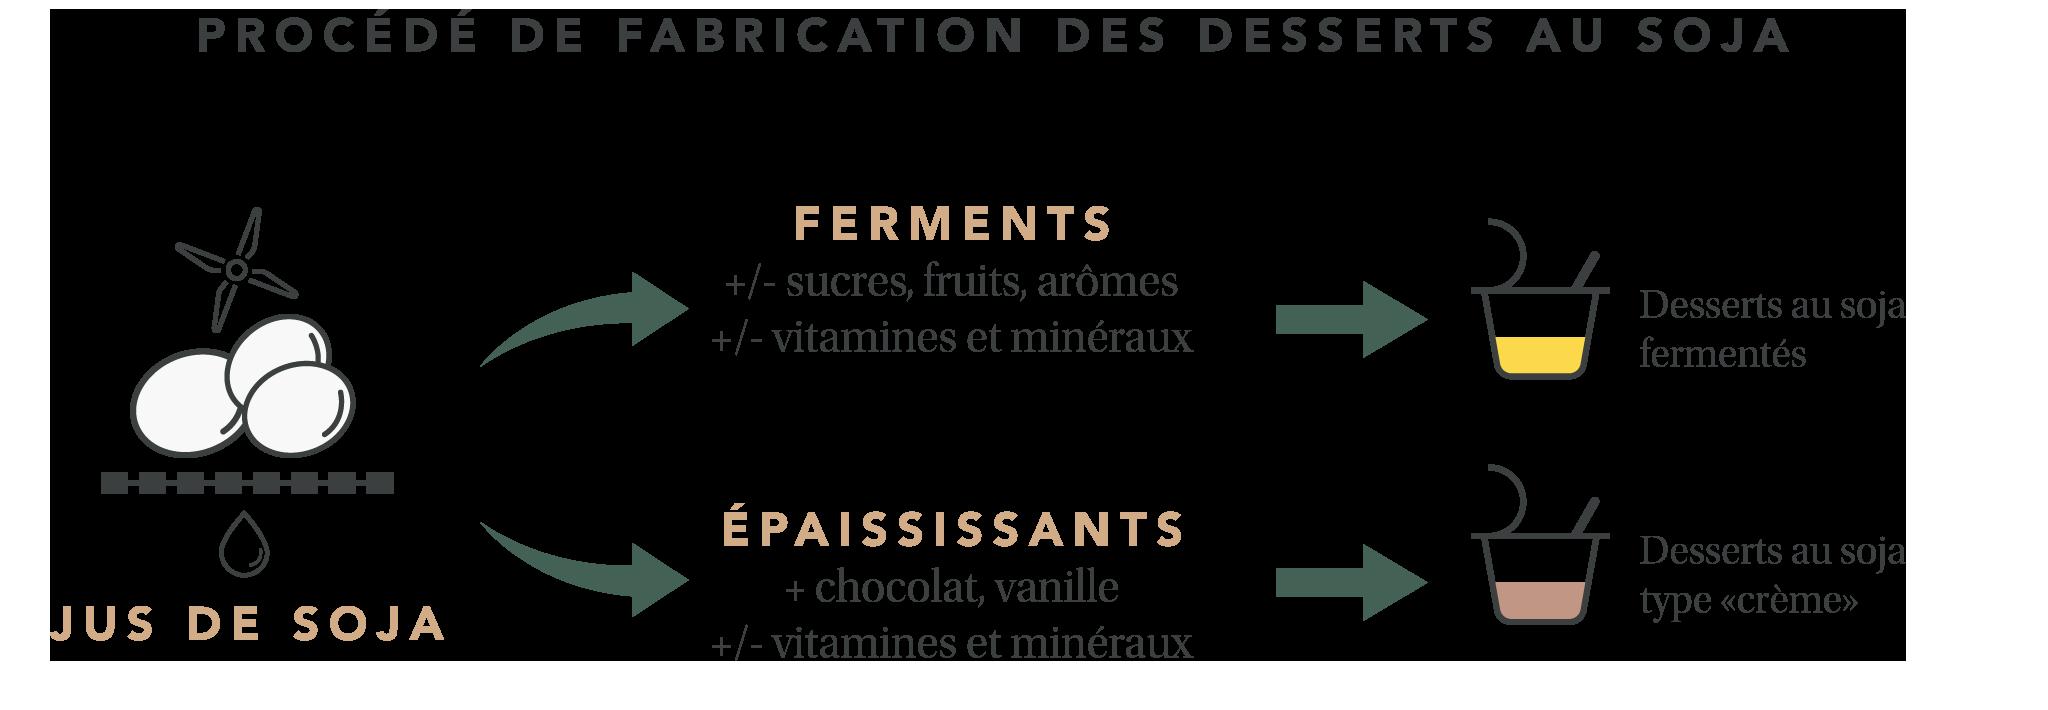 Procédé de fabrication des desserts au soja